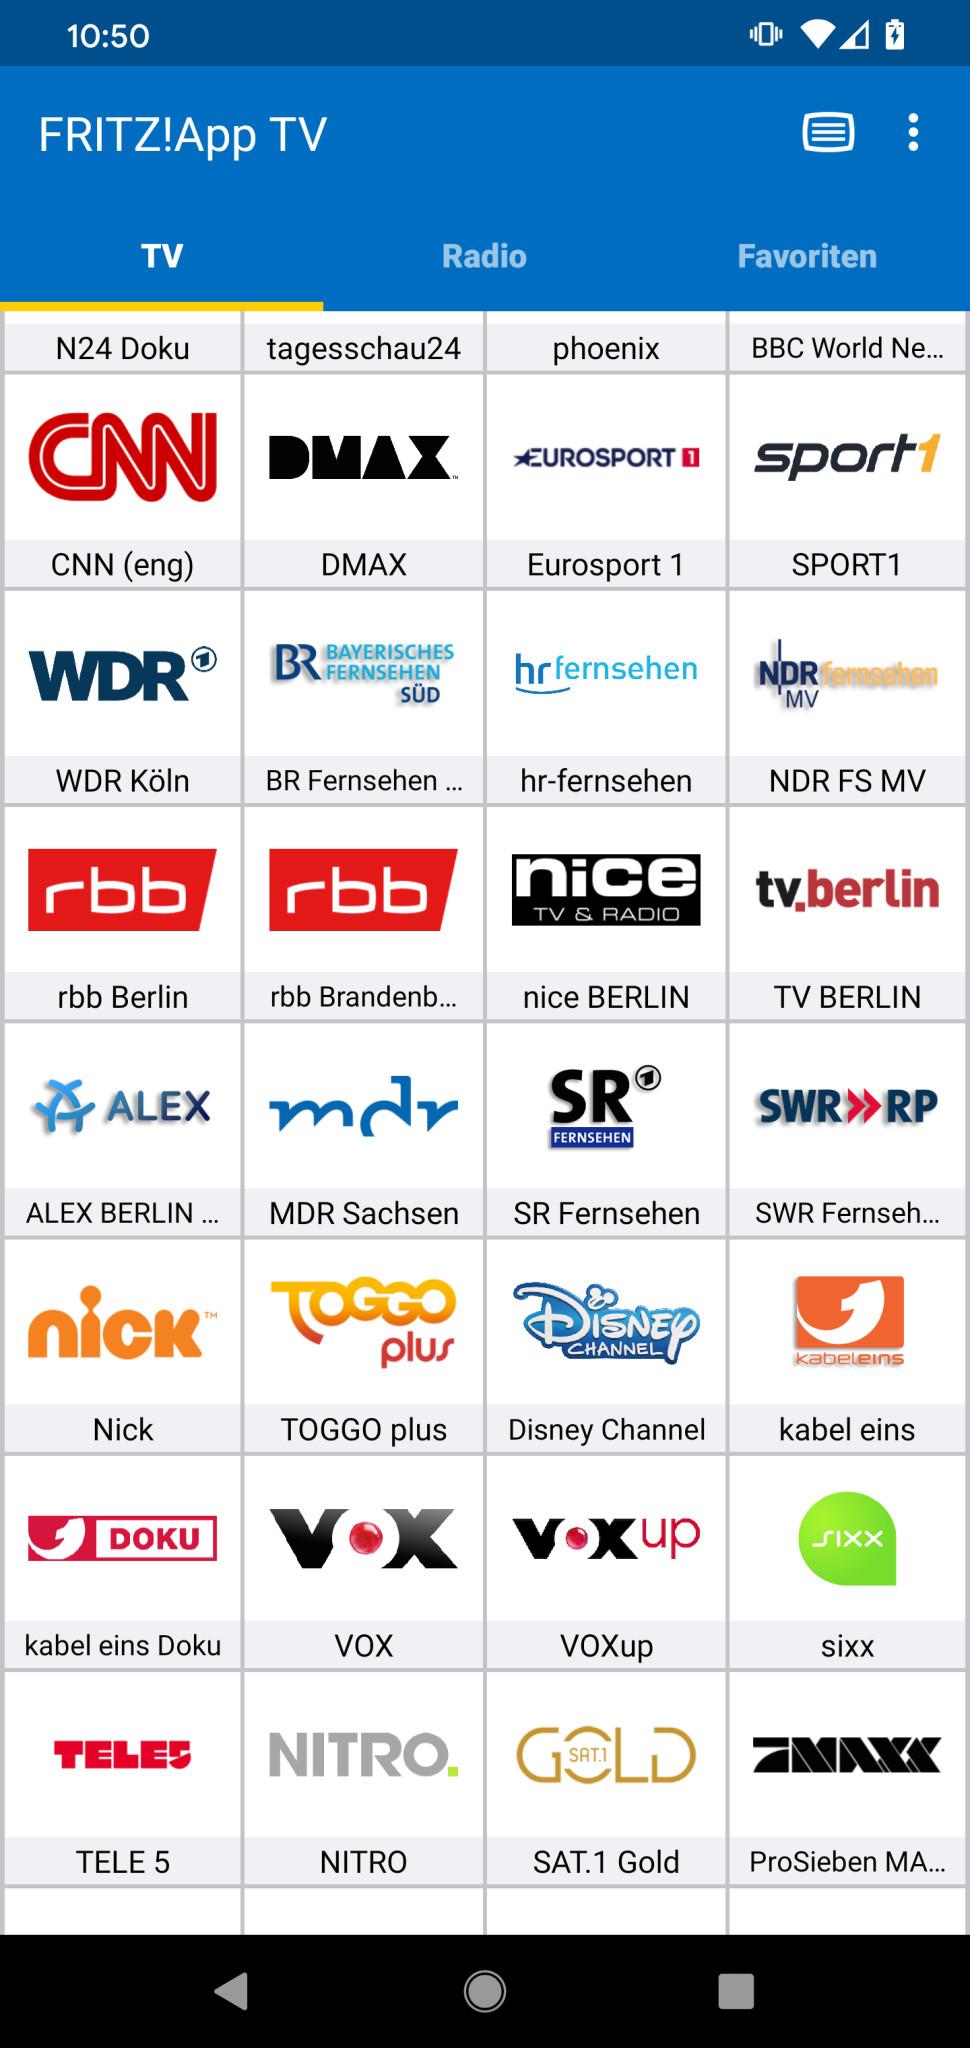 Screenshot 1 - FritzApp TV (Android-App)